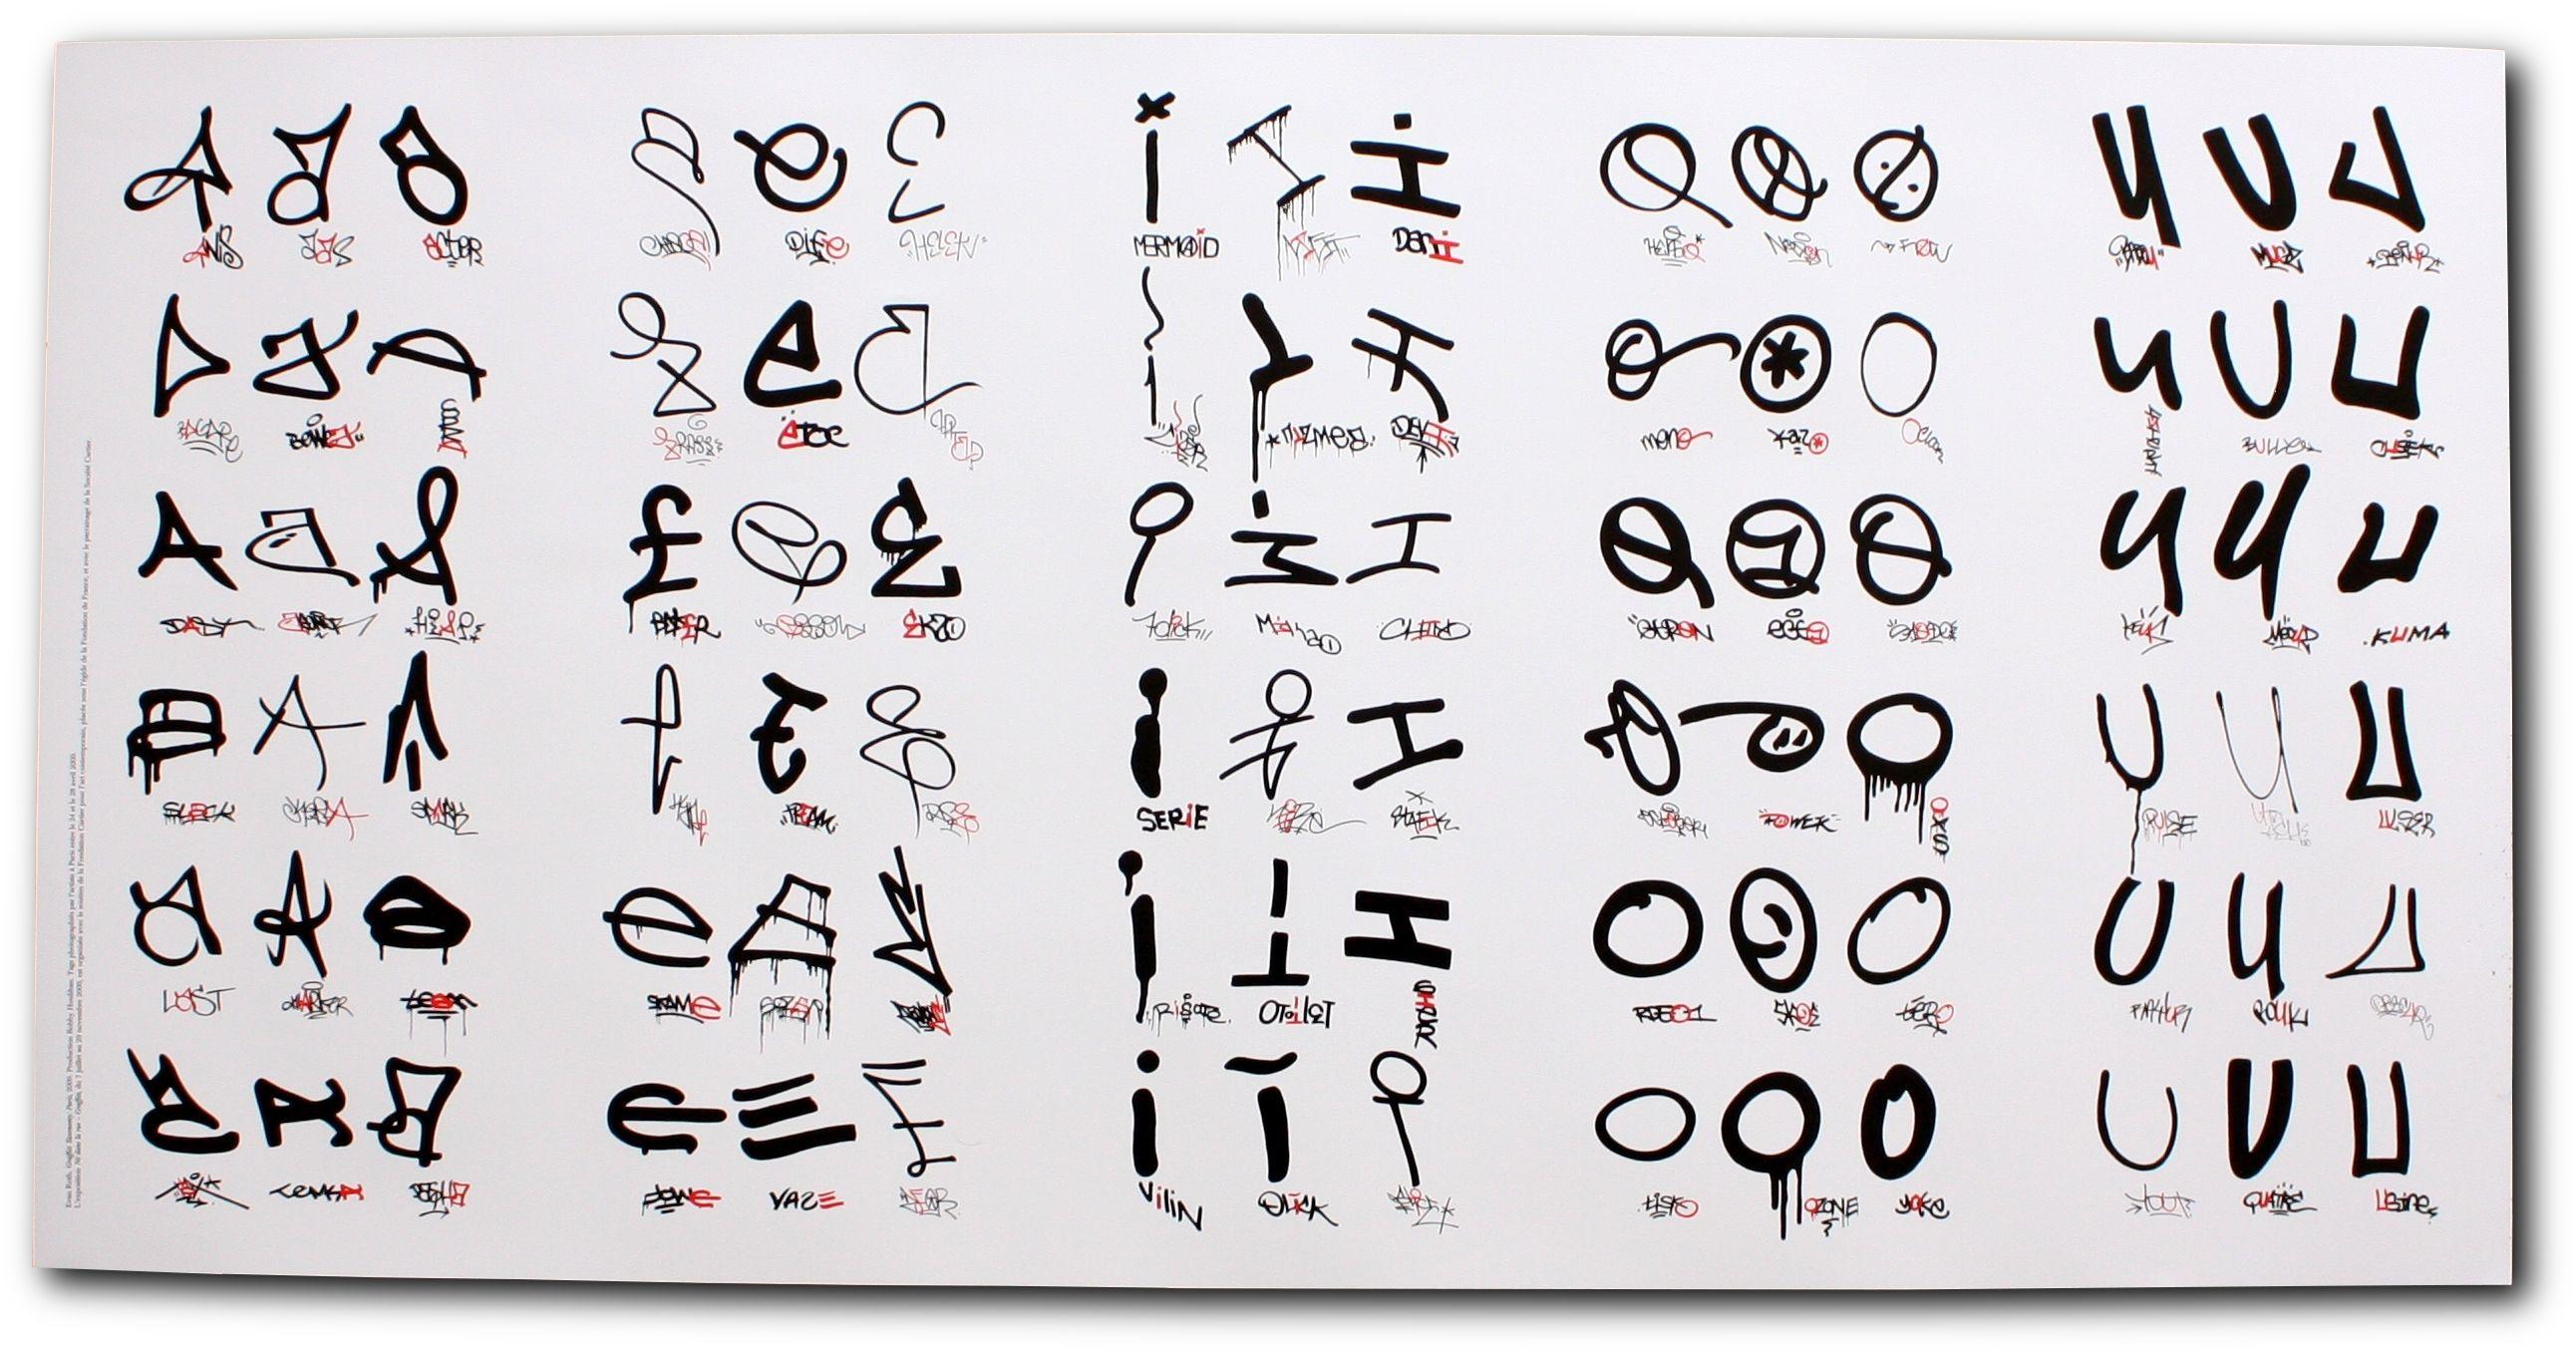 Graffiti Tag Letters | DiyMid.com | Graffiti Tags ...